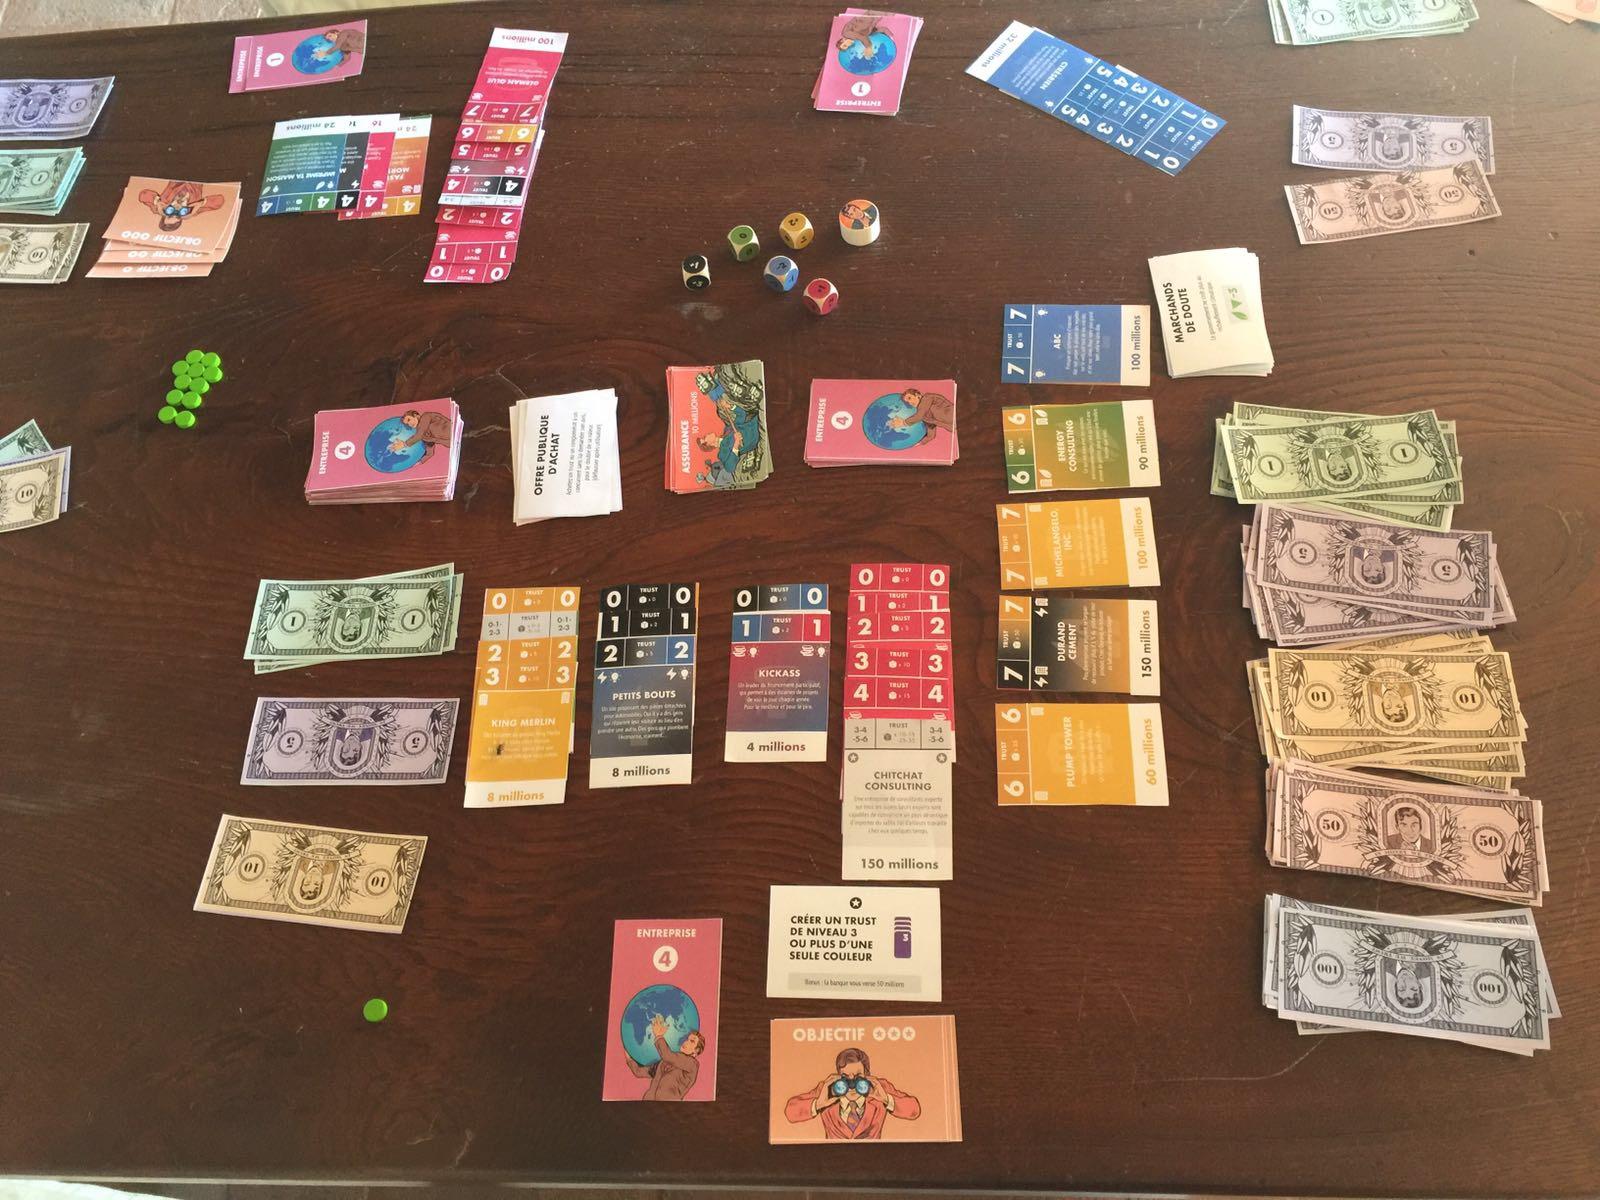 1559 Wall Street 20